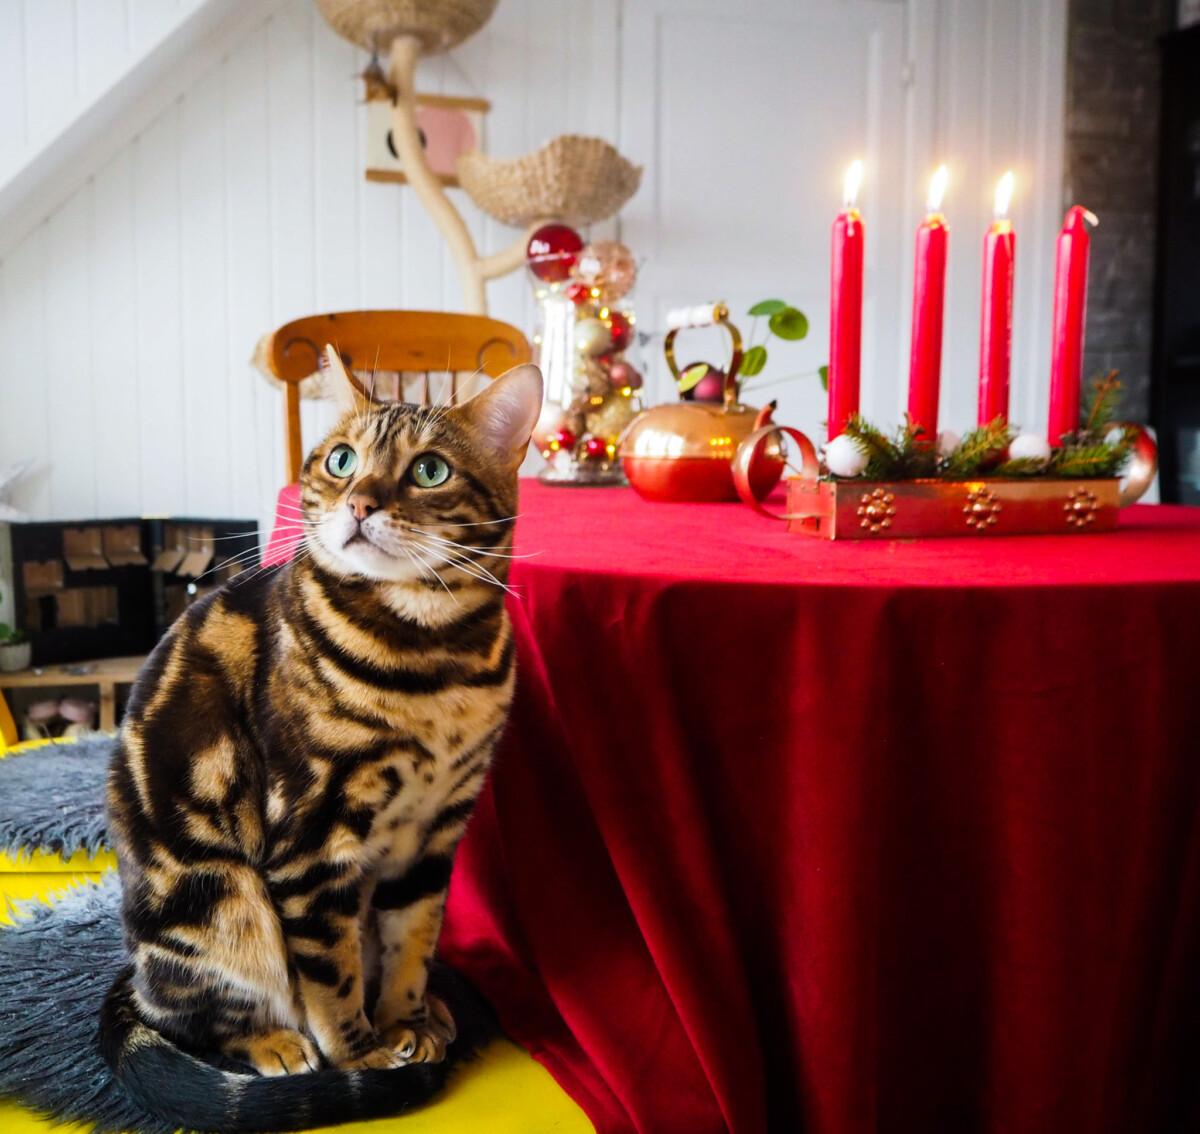 Julepynt og julekatt